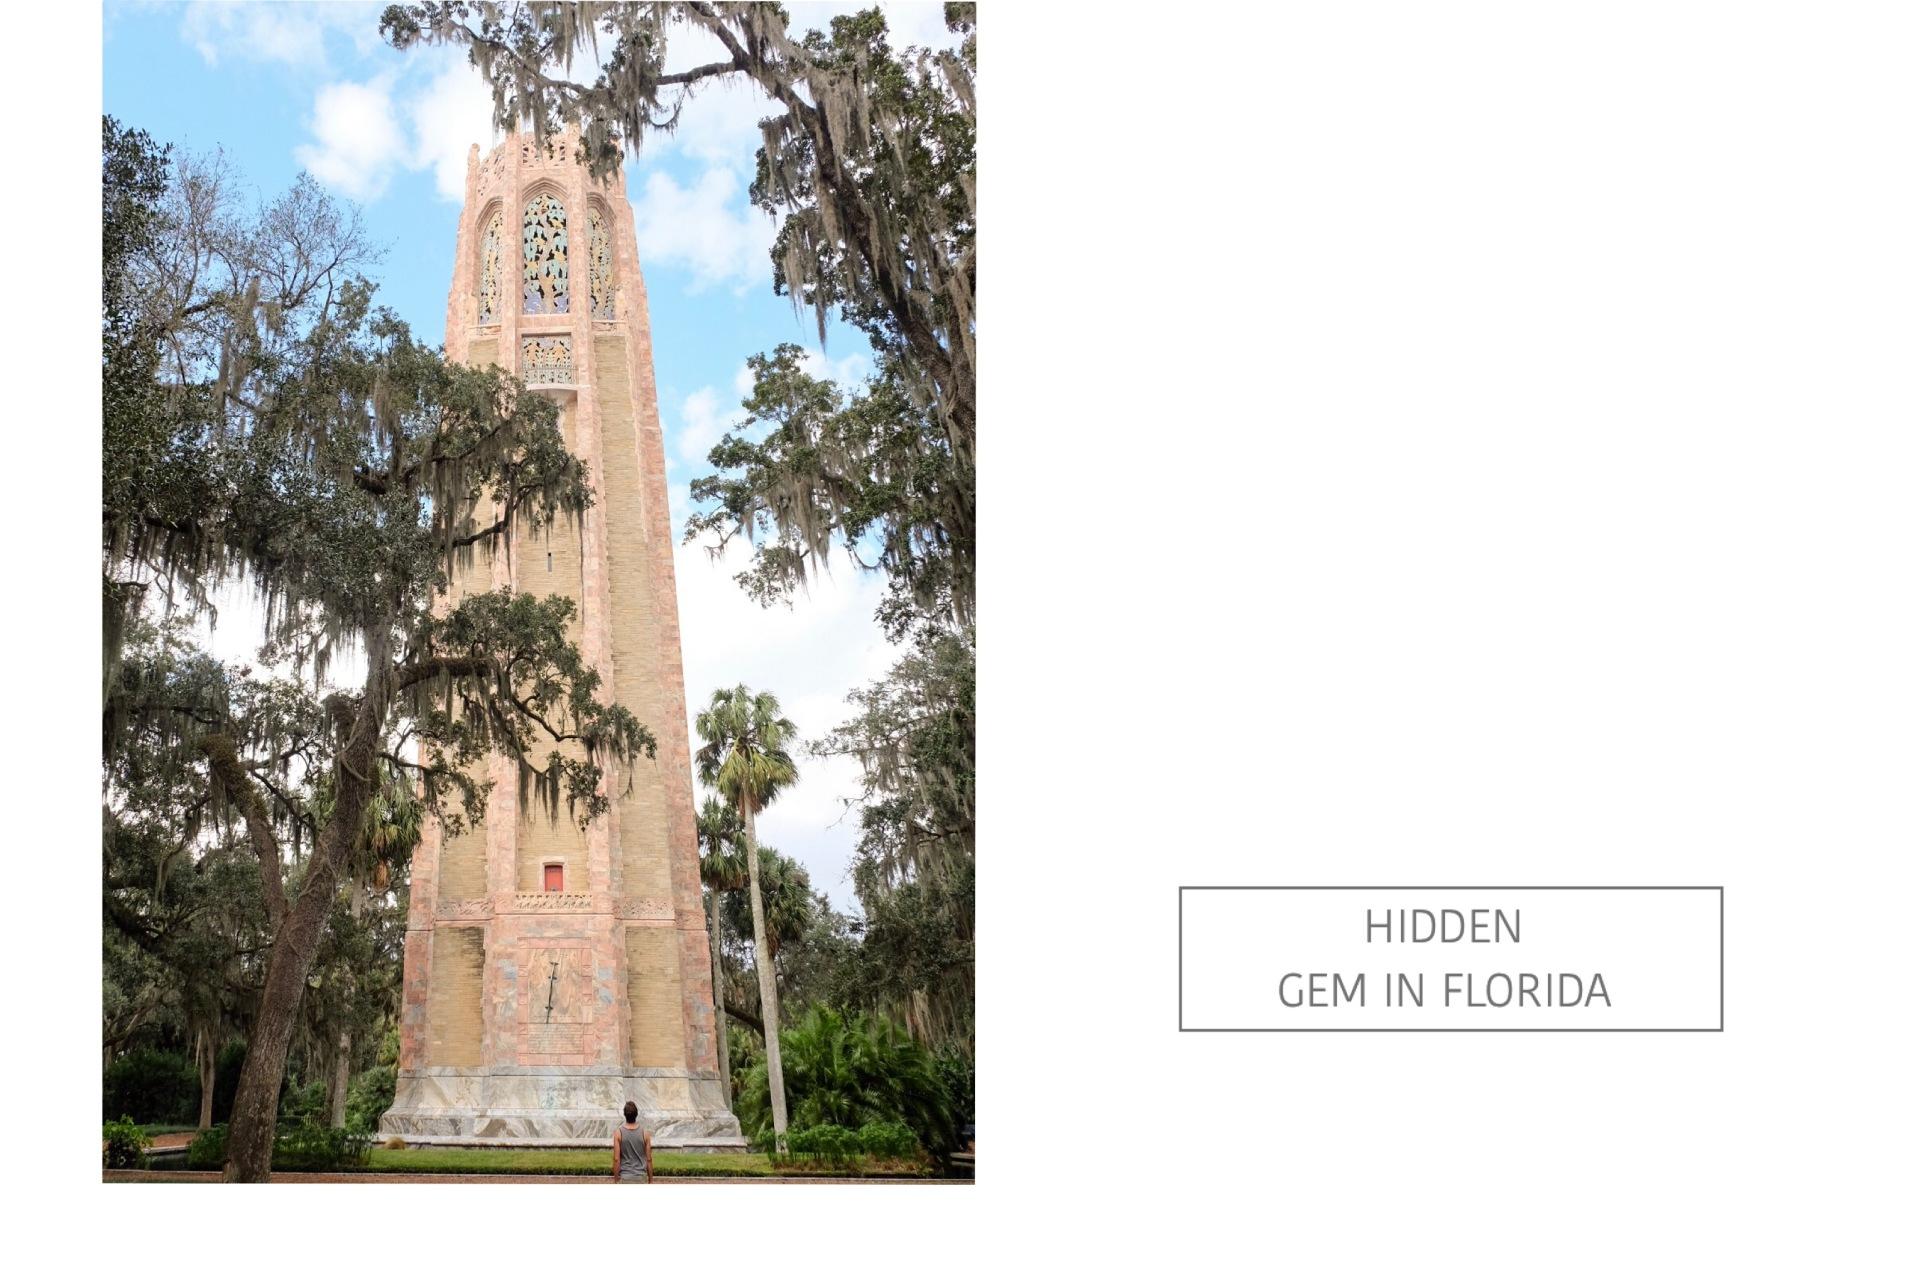 A Hidden Gem in Florida